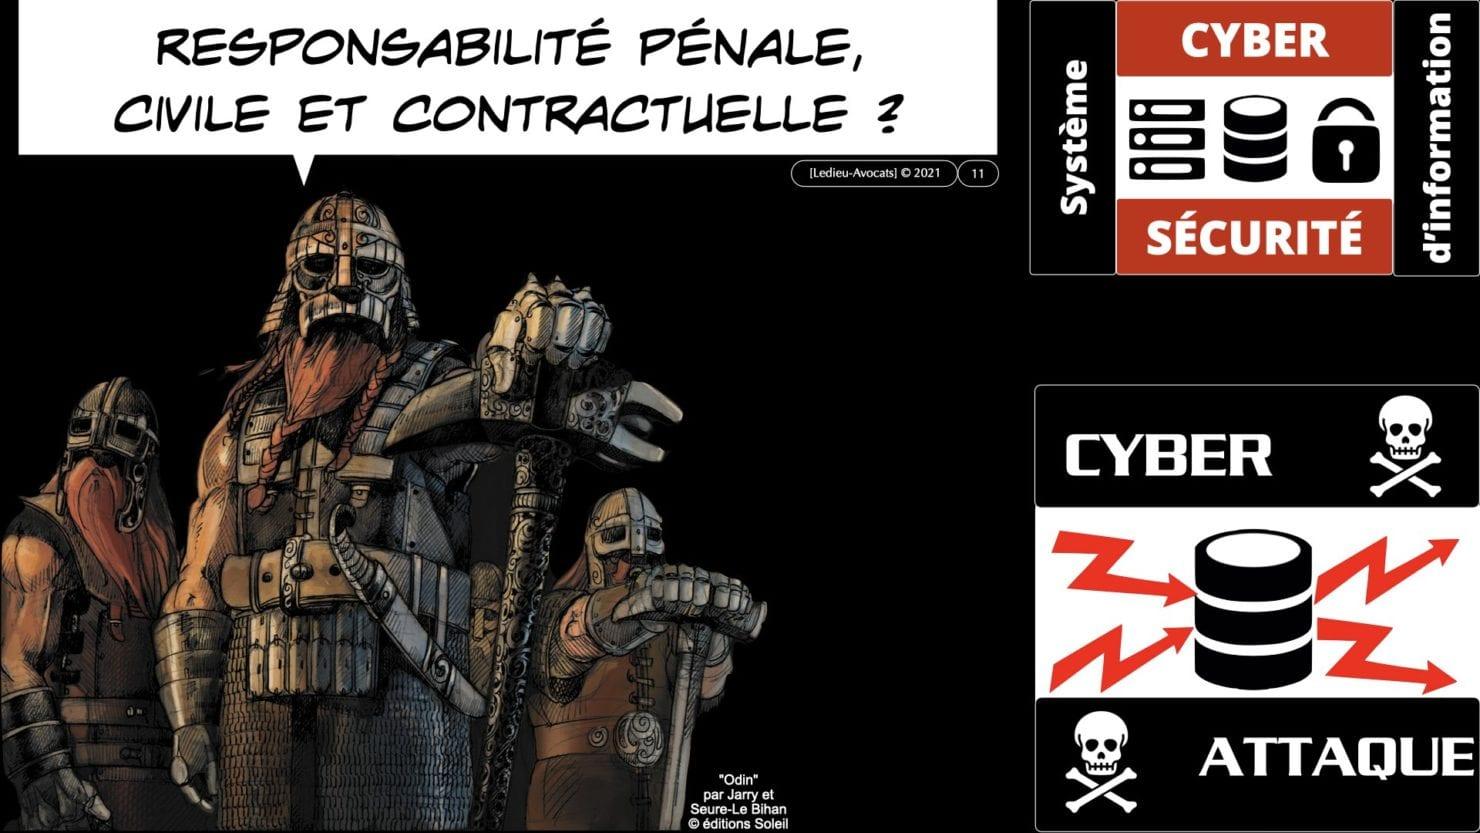 cyber attaque : responsabilité pénale, civile et contractuelle ?